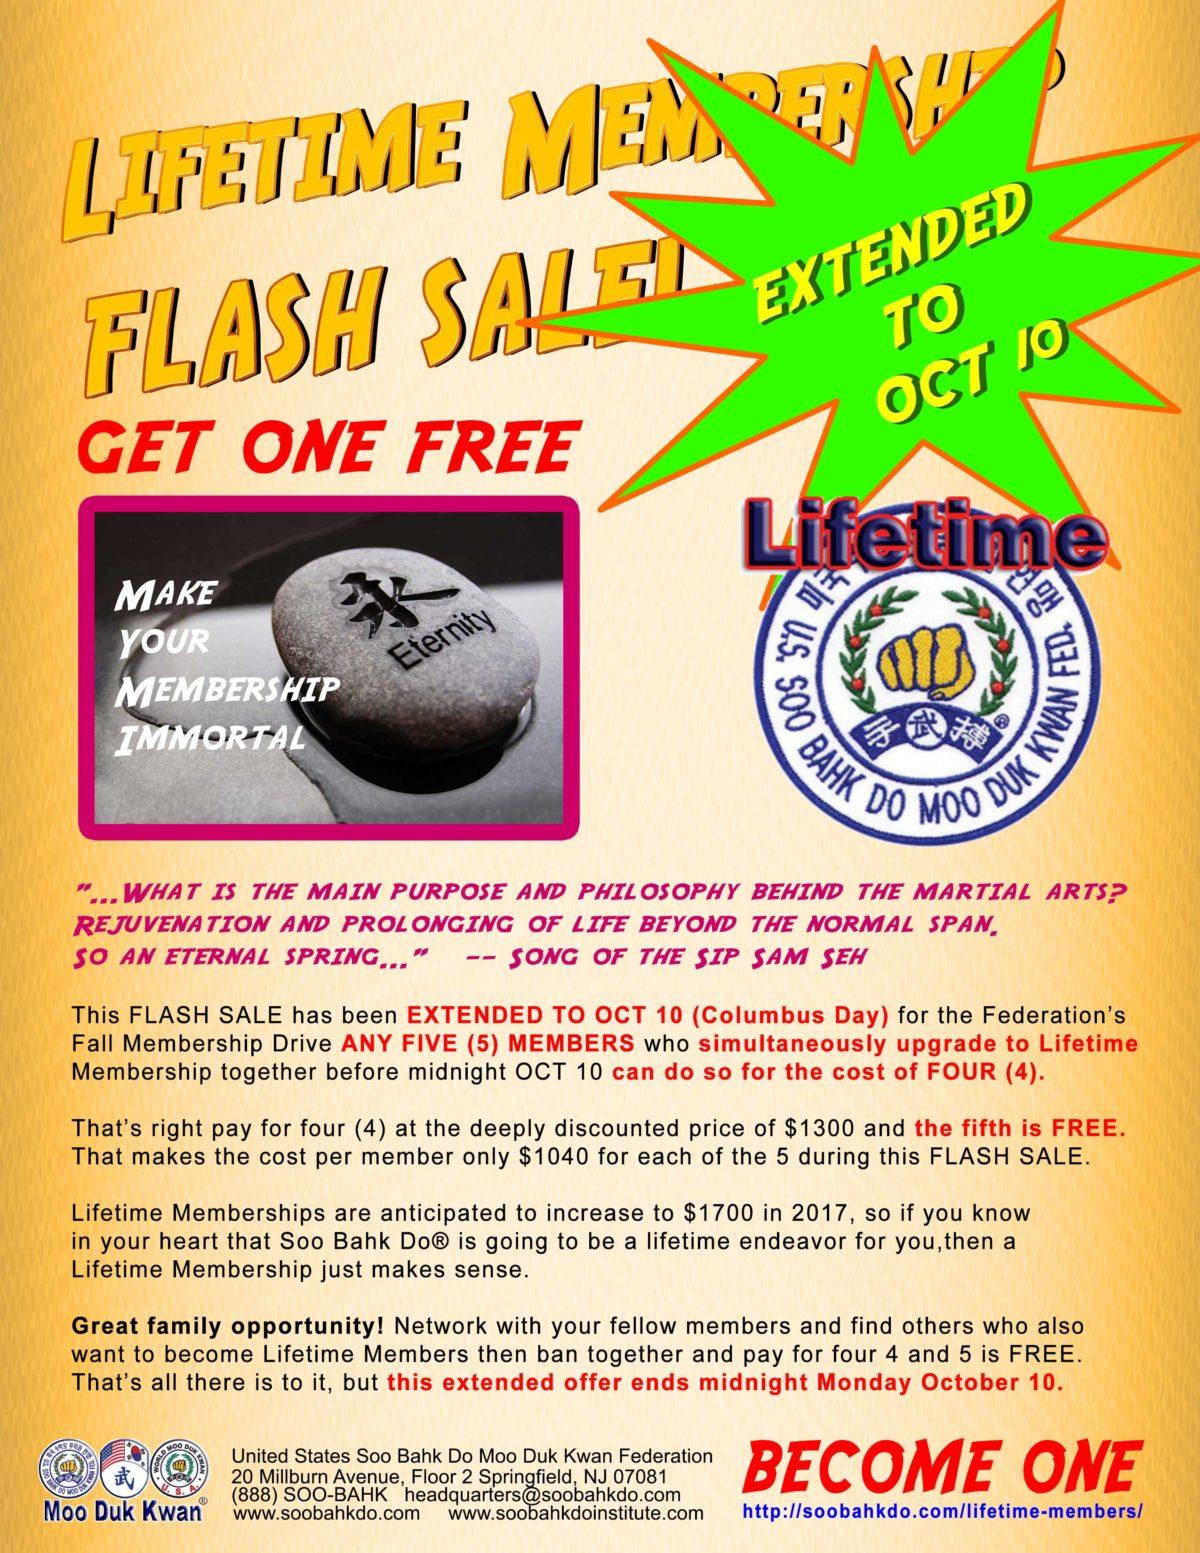 lifetime-membership-flash-sale-extended-v3-med-2550x3300